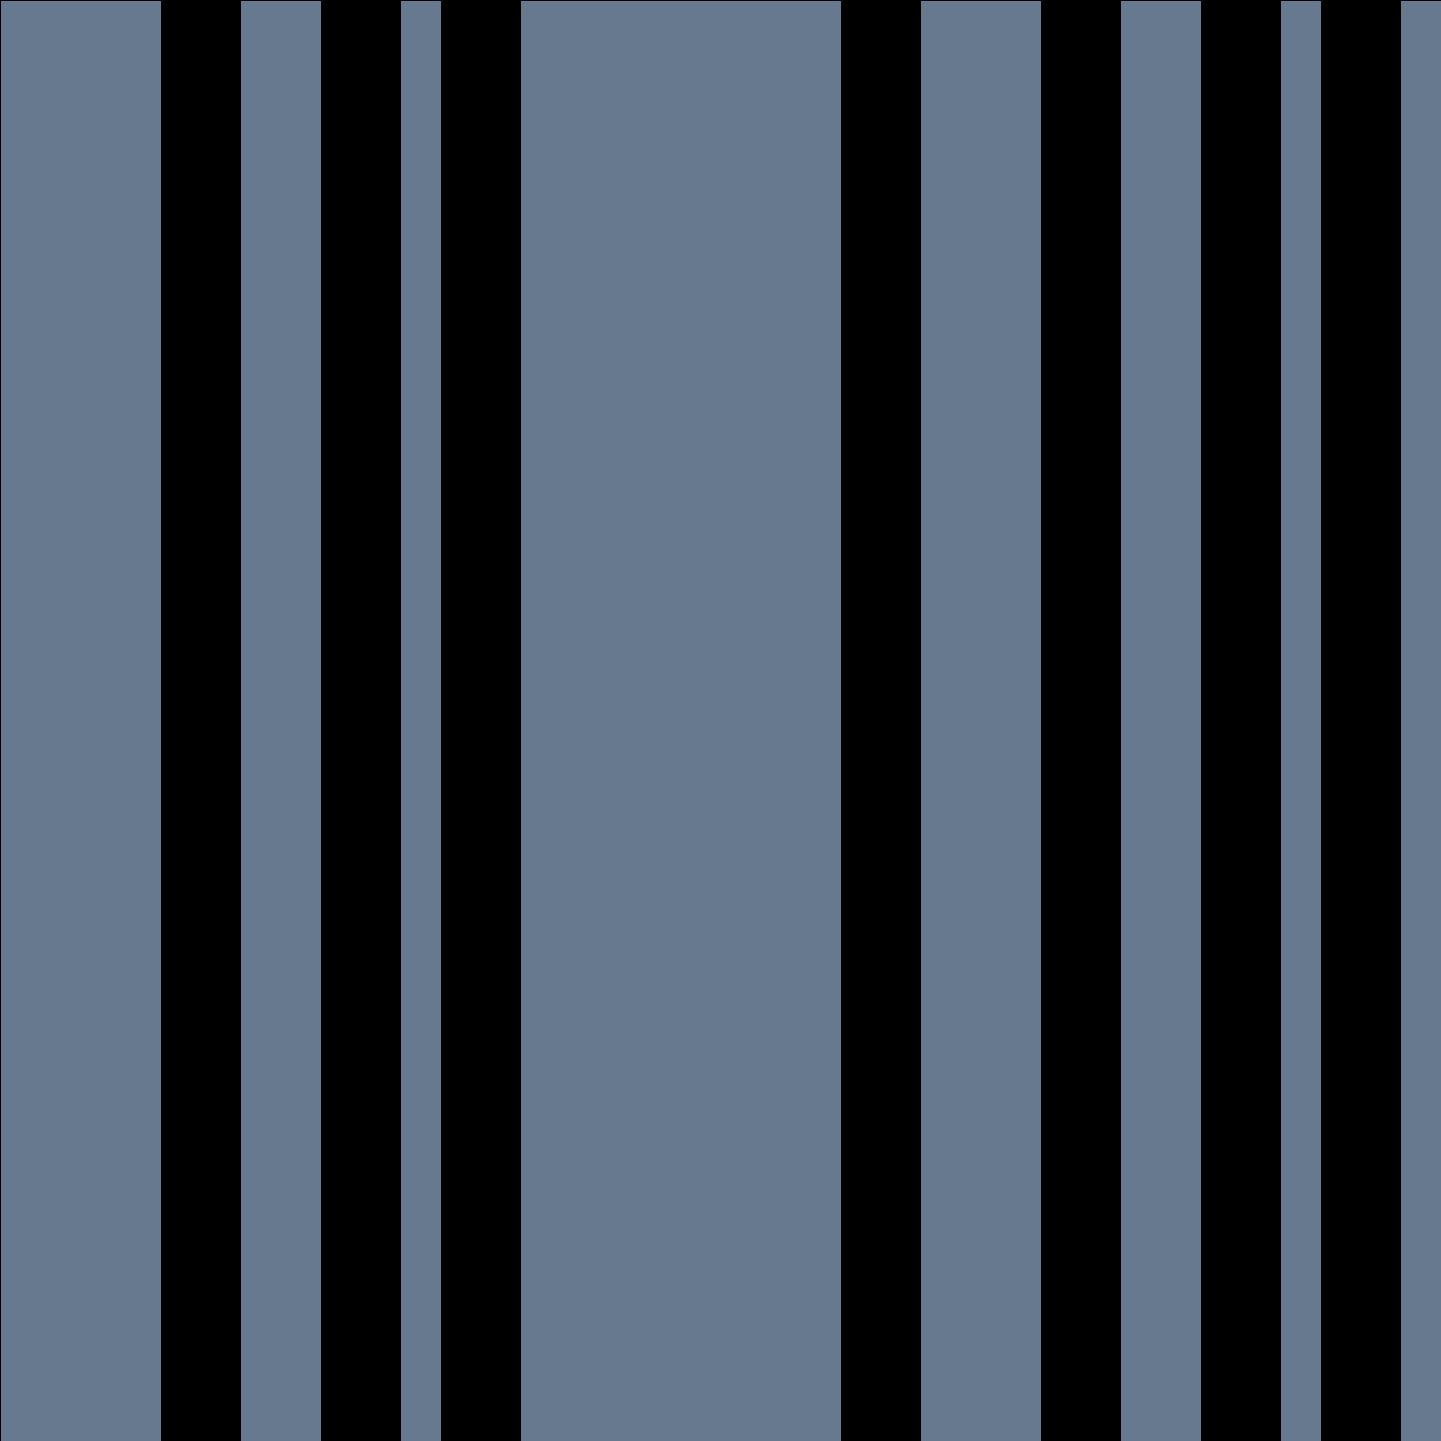 Barcode Clipart Vertical.